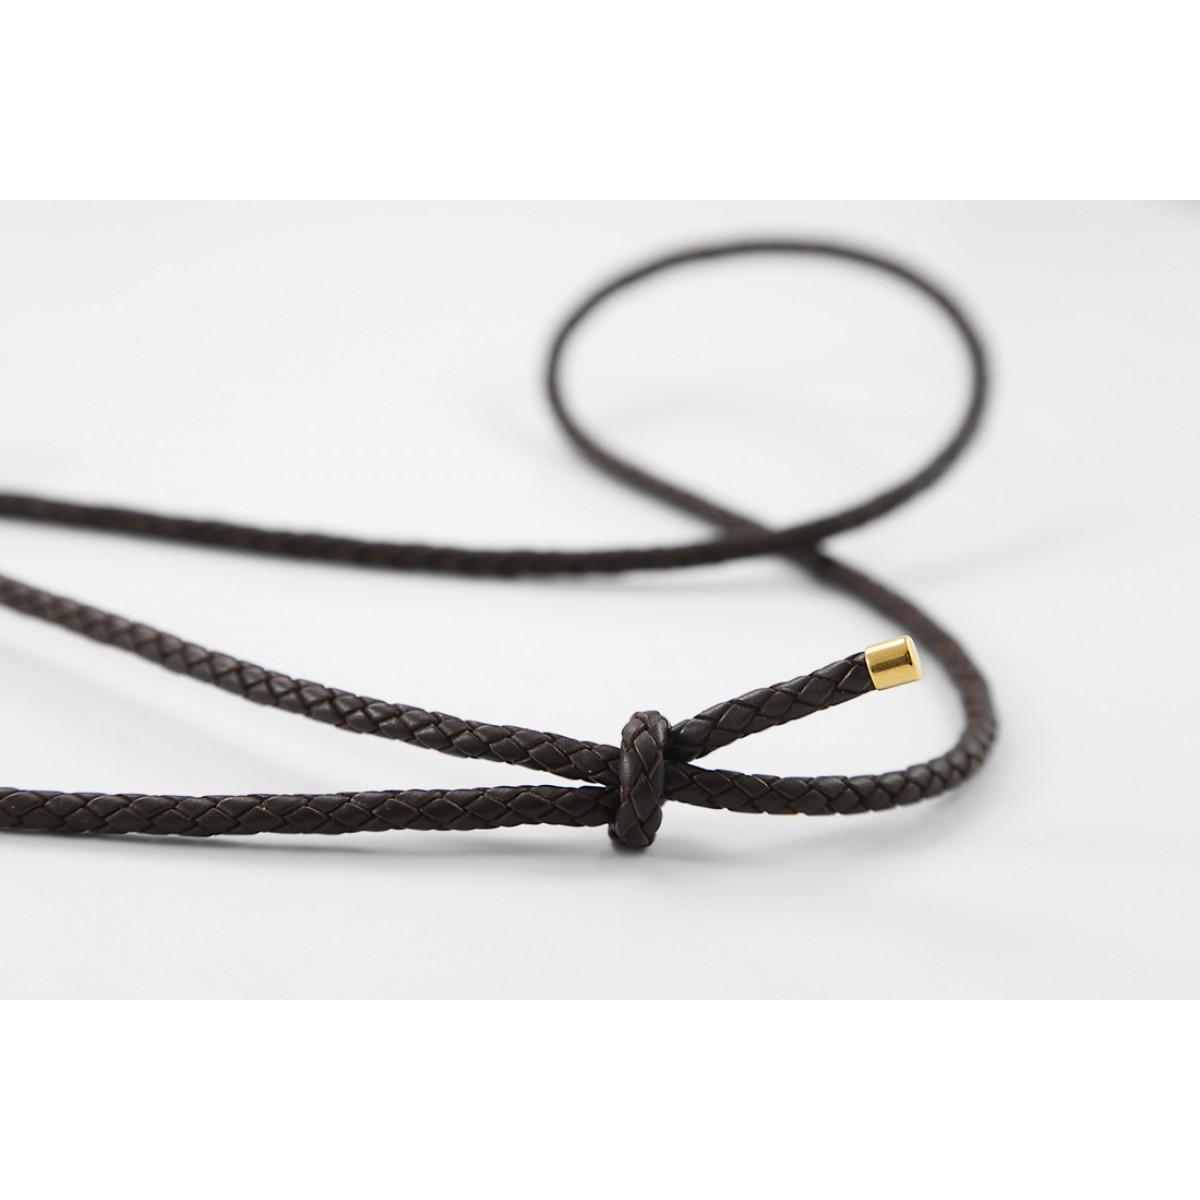 iPhone case zum umhängen mit geflochtener Lederkordel und abnehmbarer Tasche, dunkelbraun/gold